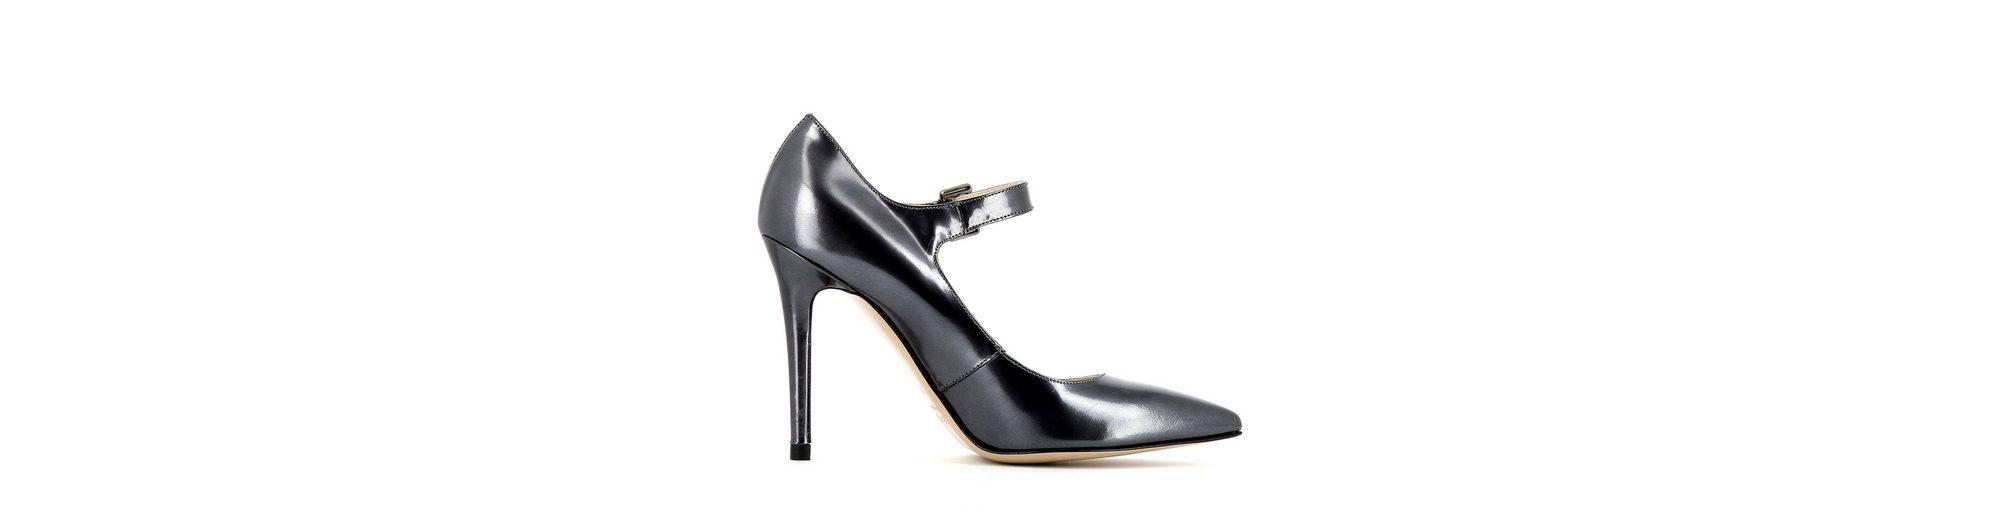 Evita ALINA High-Heel-Pumps Spielraum Shop Günstig Online Auslass Sneakernews Kosten Sneakernews Verkauf Online UJHHy5iT6i